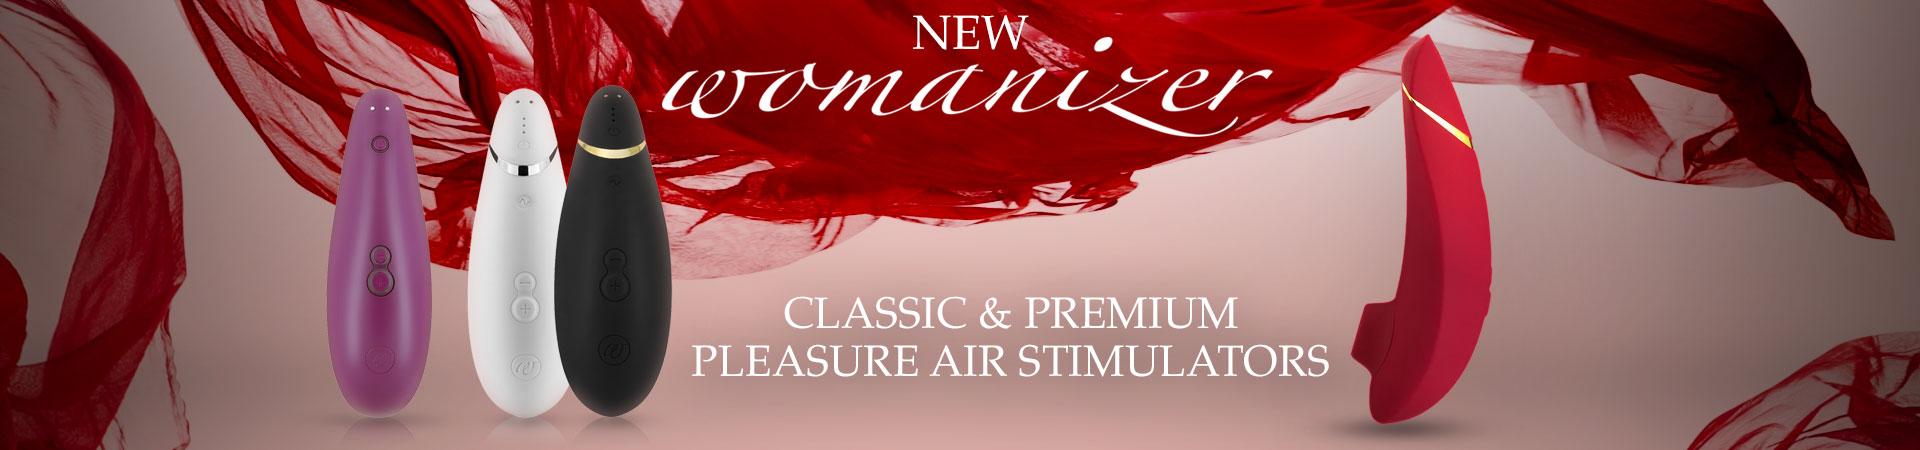 New Womanizer! Classic & Premium Pleasure Air Stimulators